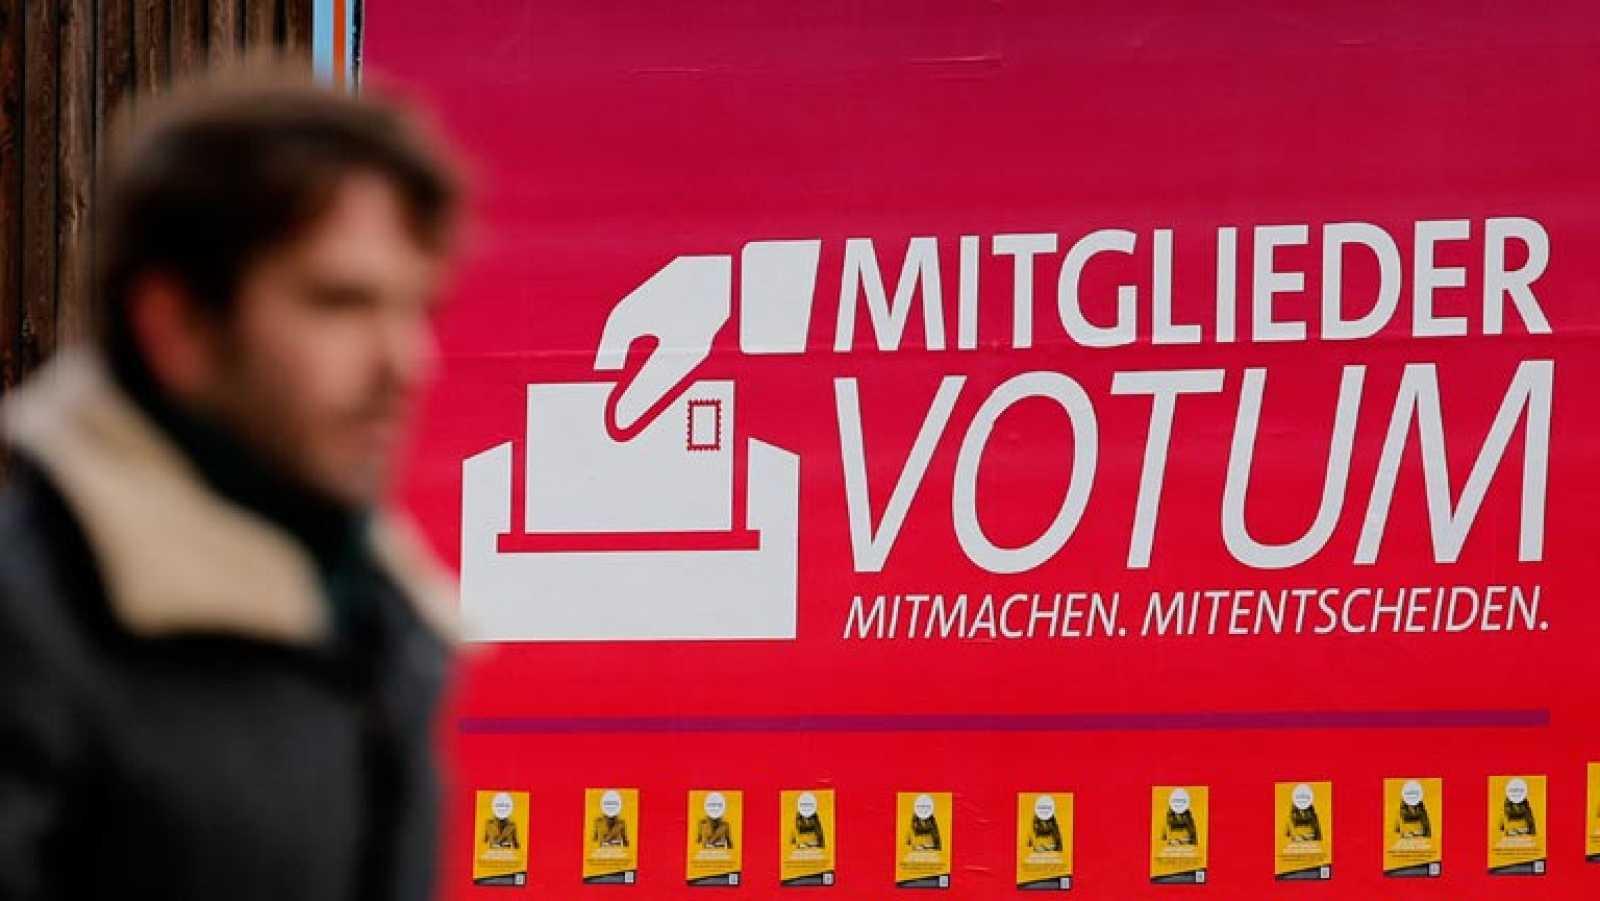 División de opiniones sobre el acuerdo de coalición en Alemania, mientras los socialdemócratas se preparan para votarlo